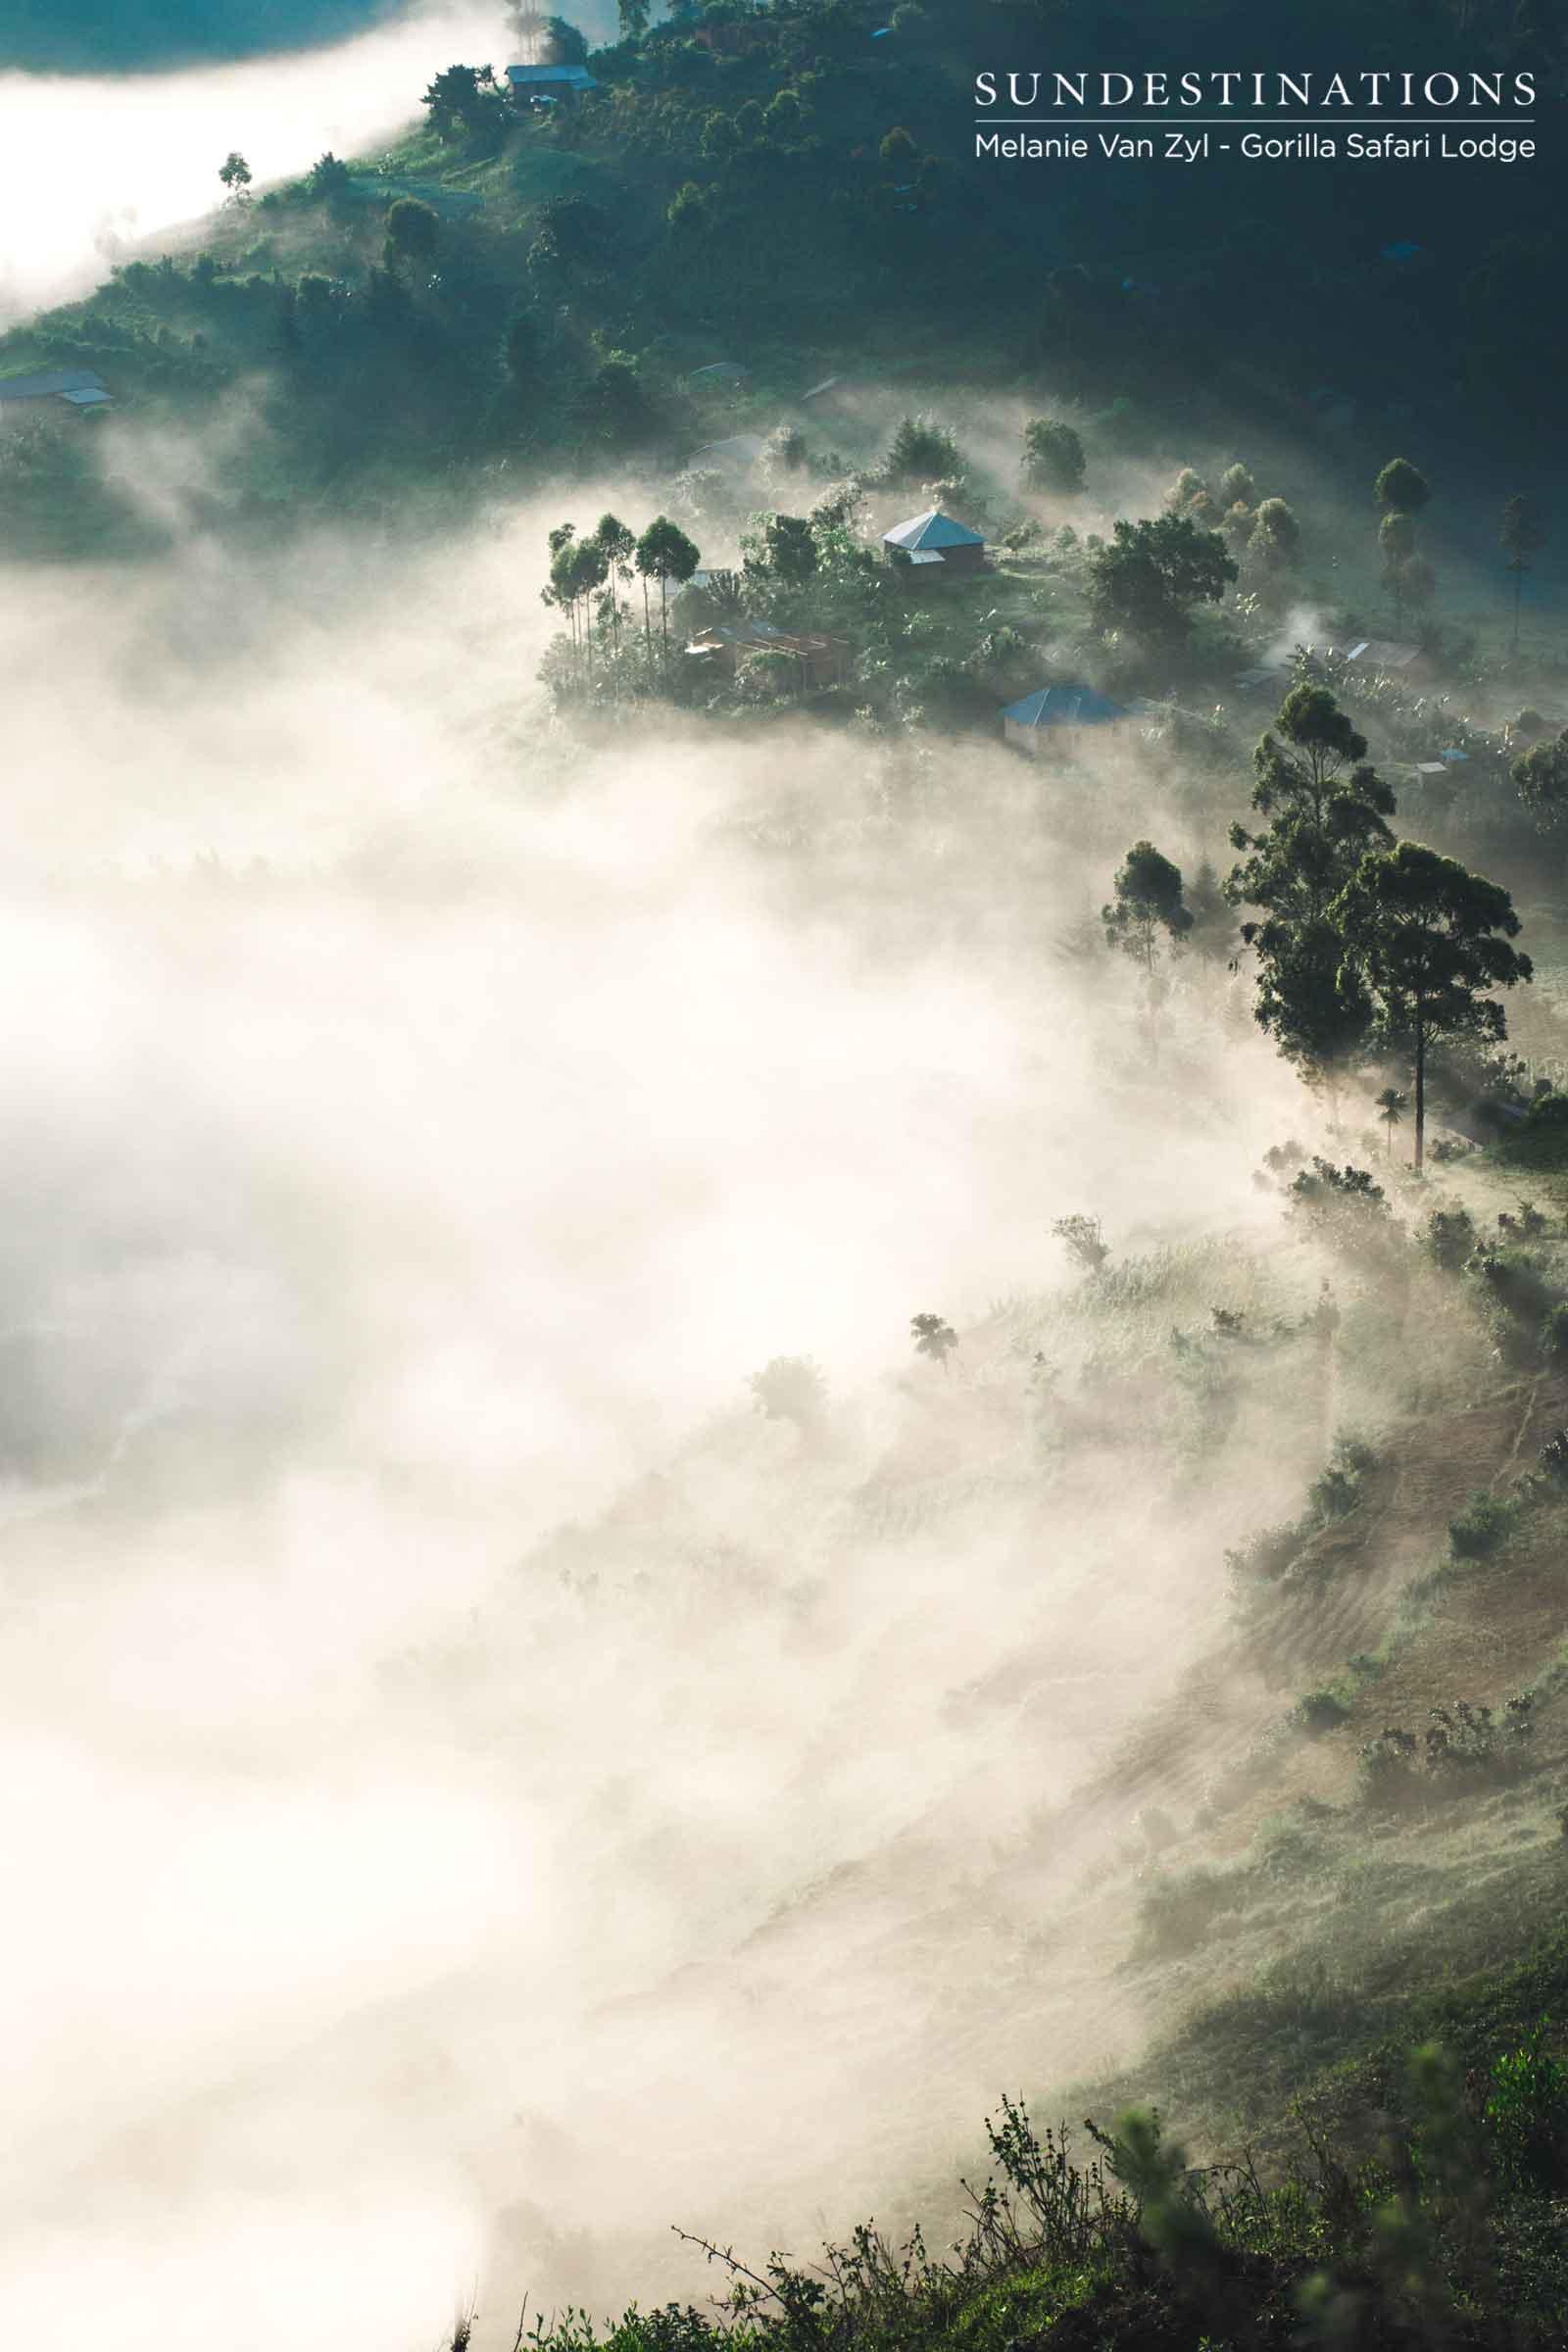 Gorillas in the Misty Landscape